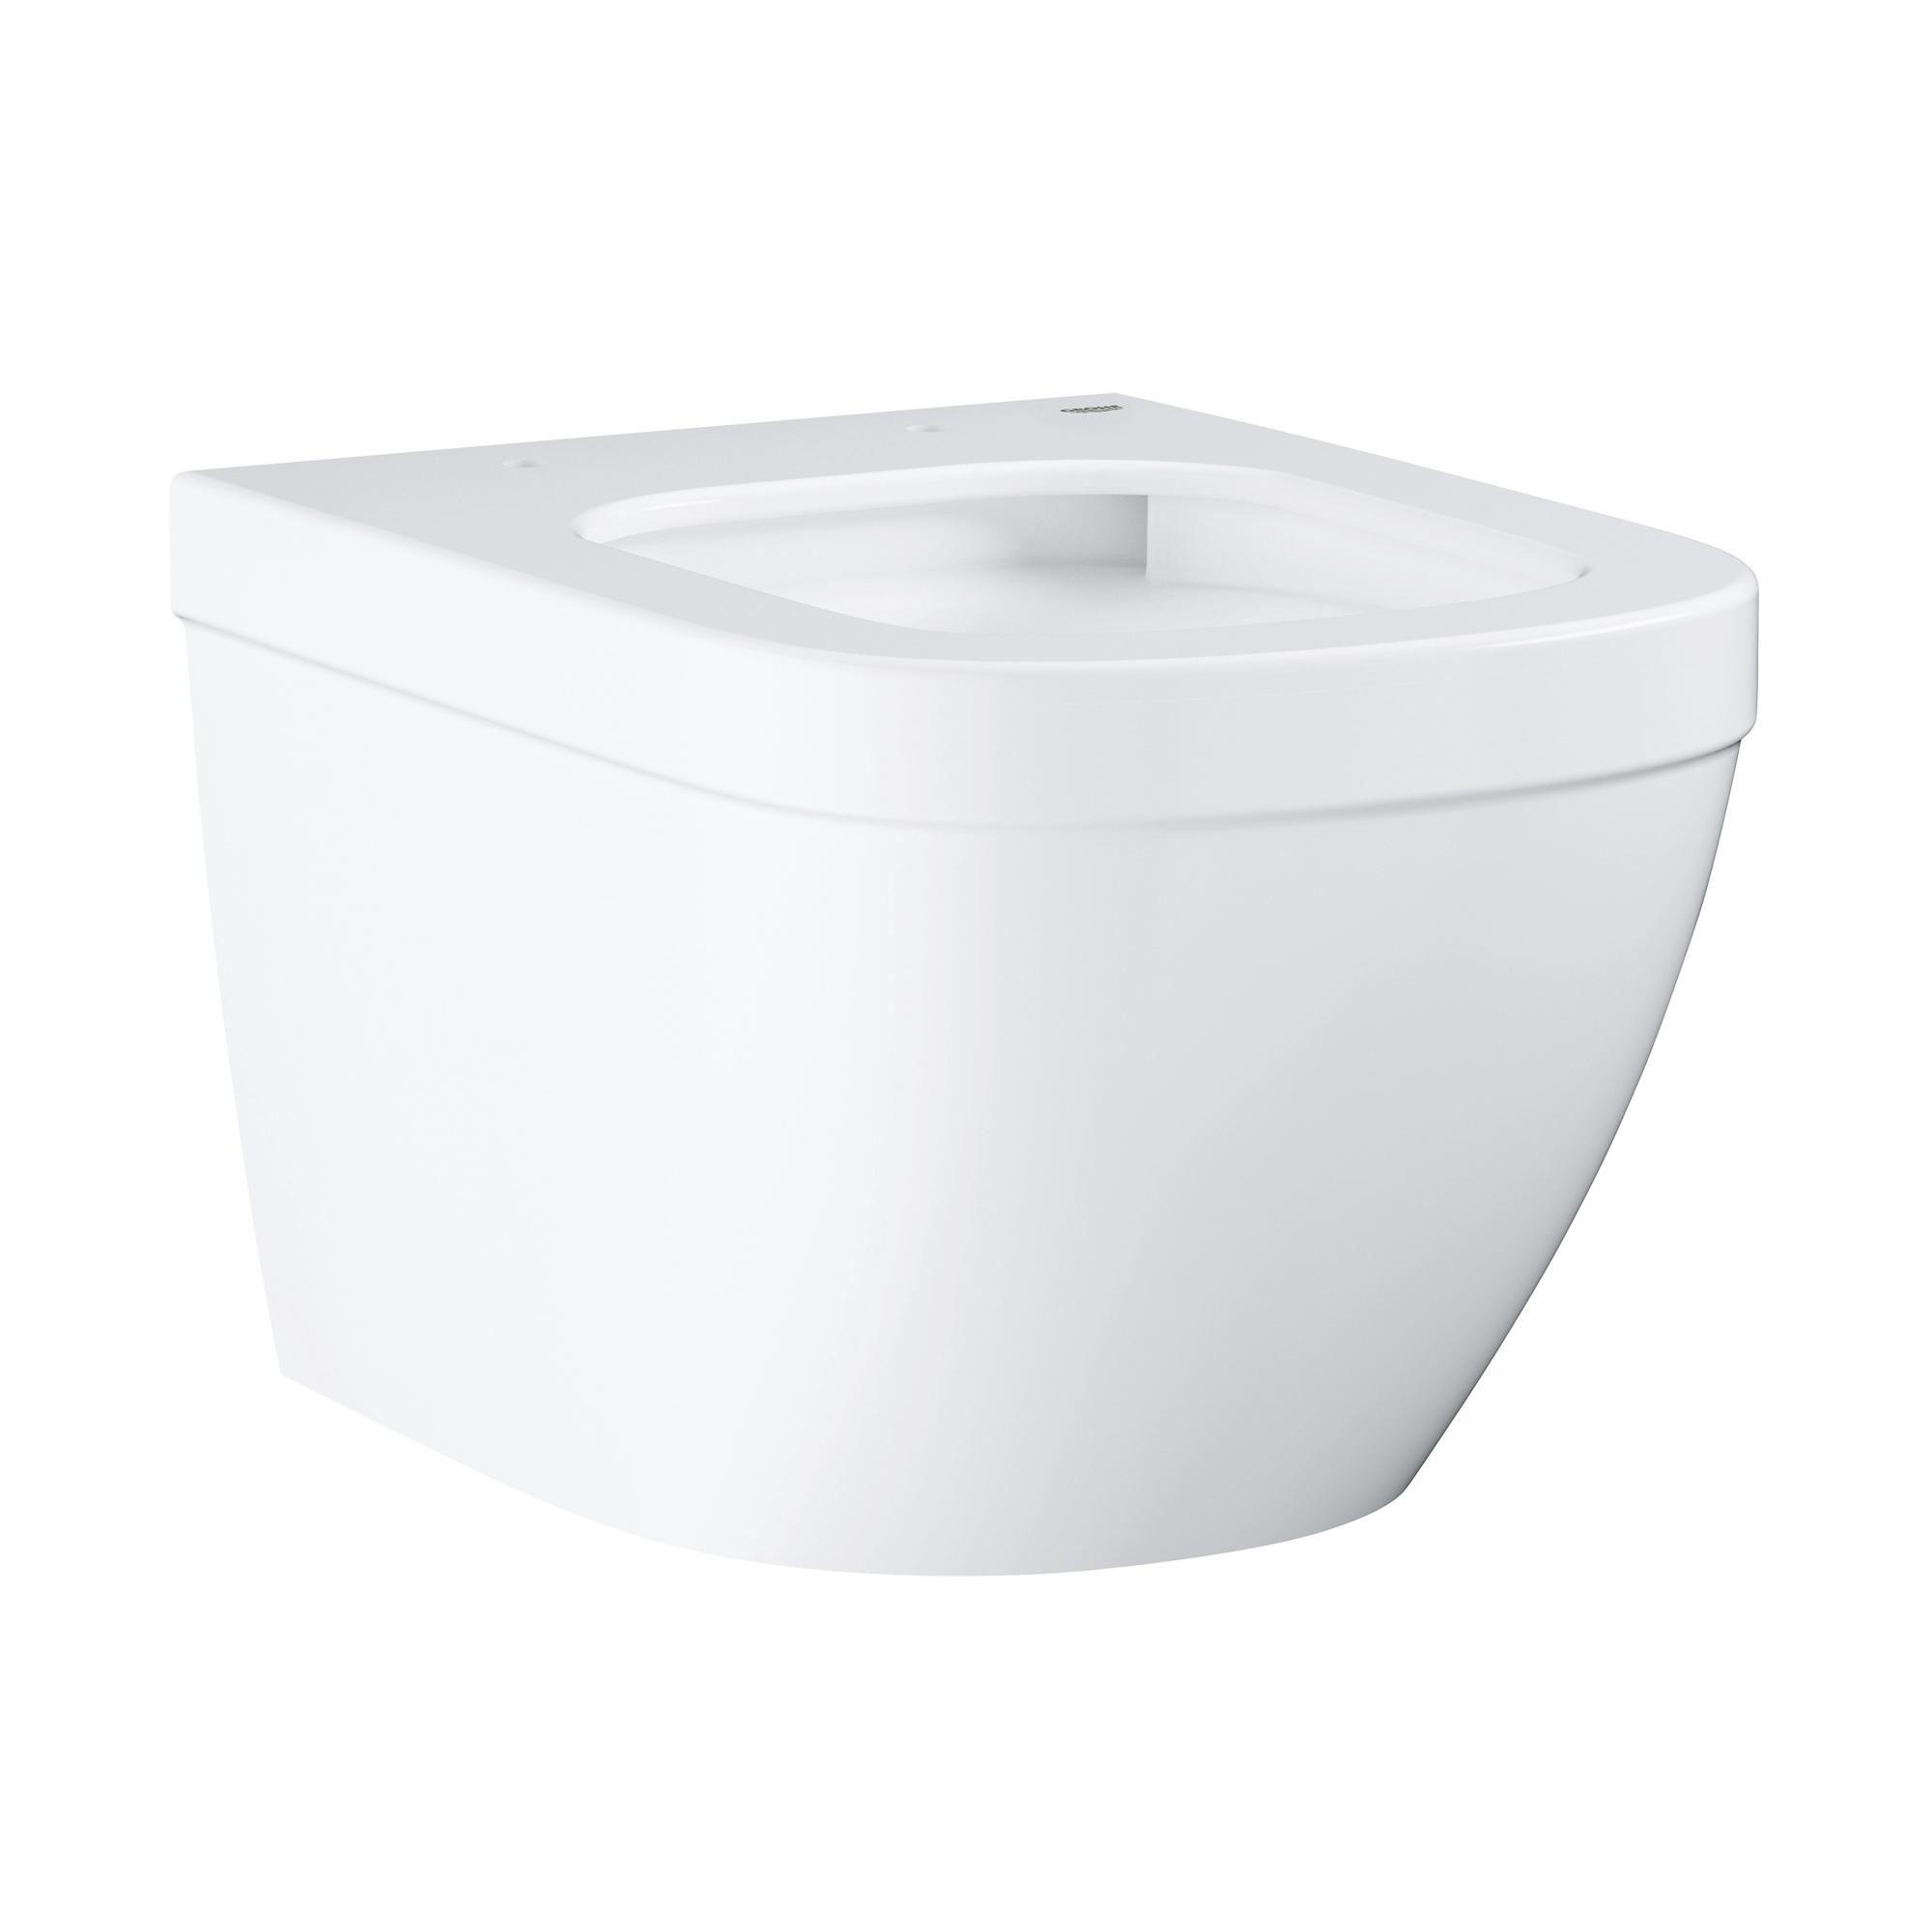 Купить Подвесной безободковый компактный унитаз GROHE Euro Ceramic, (без сиденья), альпин-белый (39206000), Унитазы подвесные, Вьетнам, сантехнический фарфор